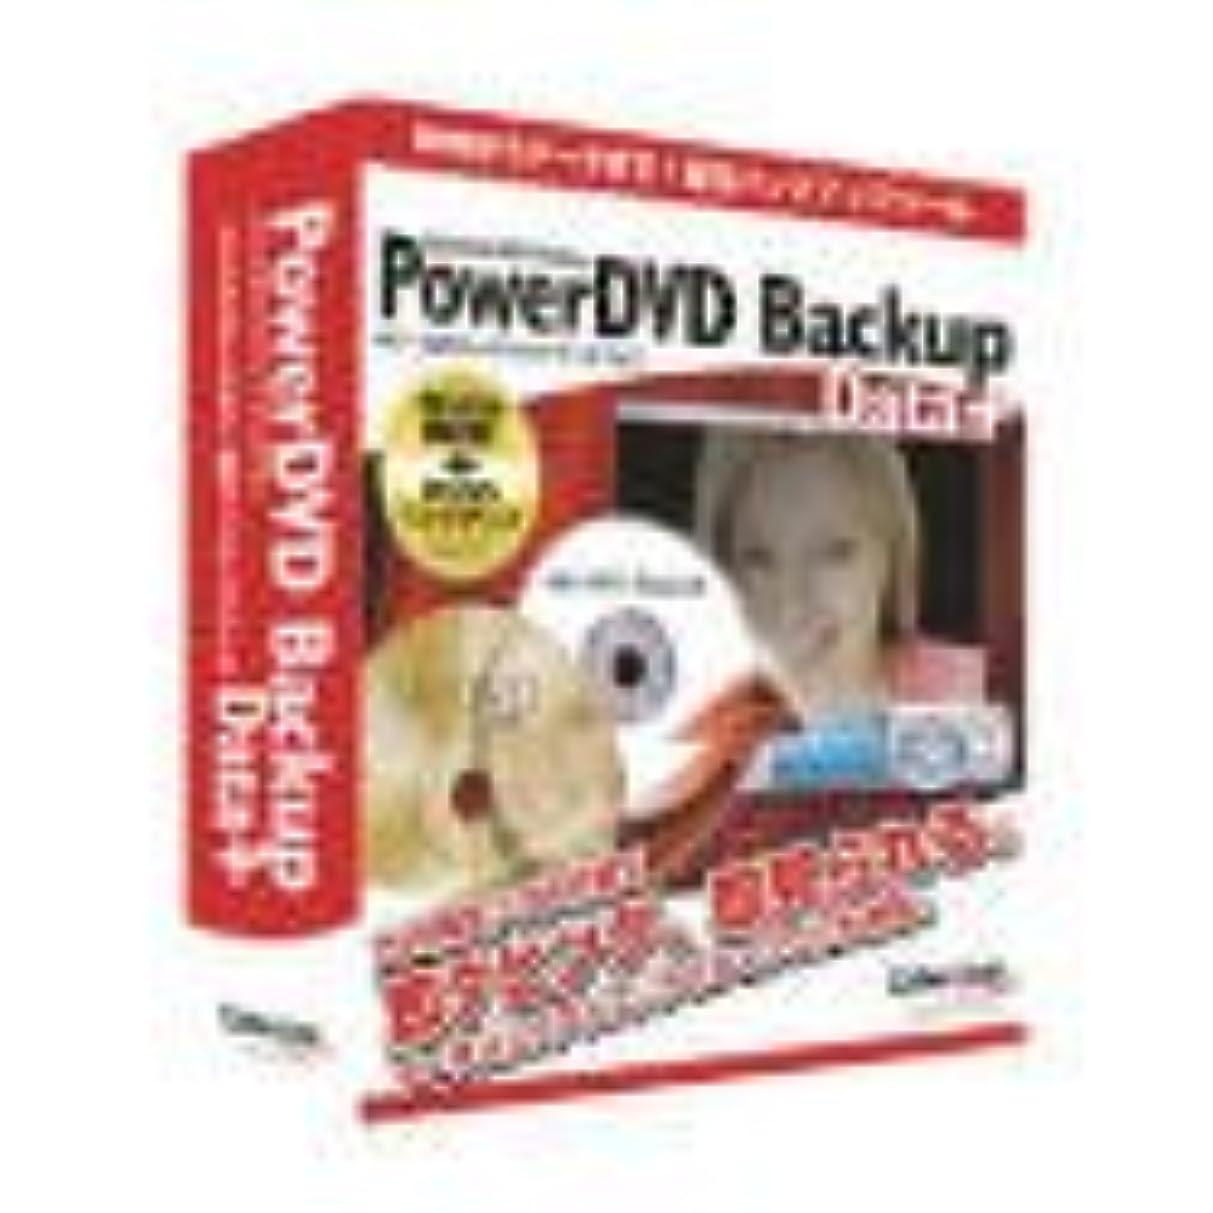 変形入射尊敬するPowerDVD Backup Data +